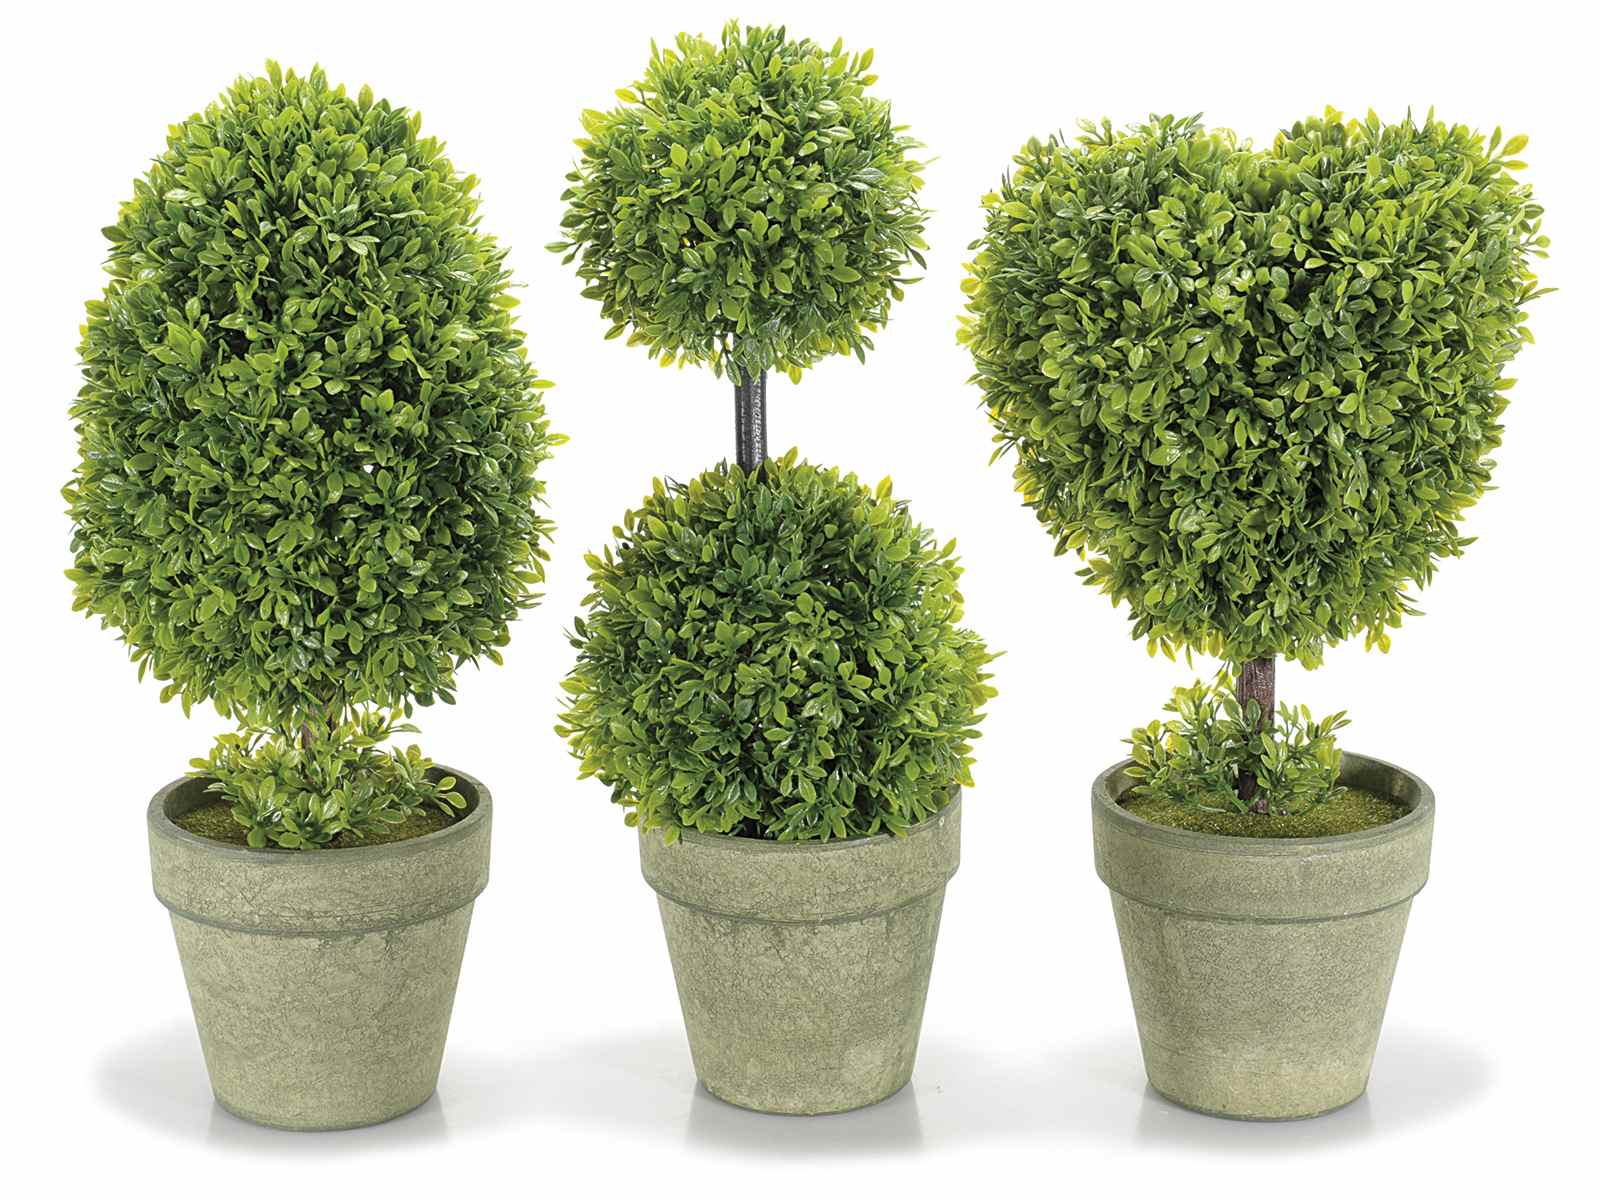 Bosso vaso 28 images 1 pianta di bosso in vaso 17cm for Bosso vaso